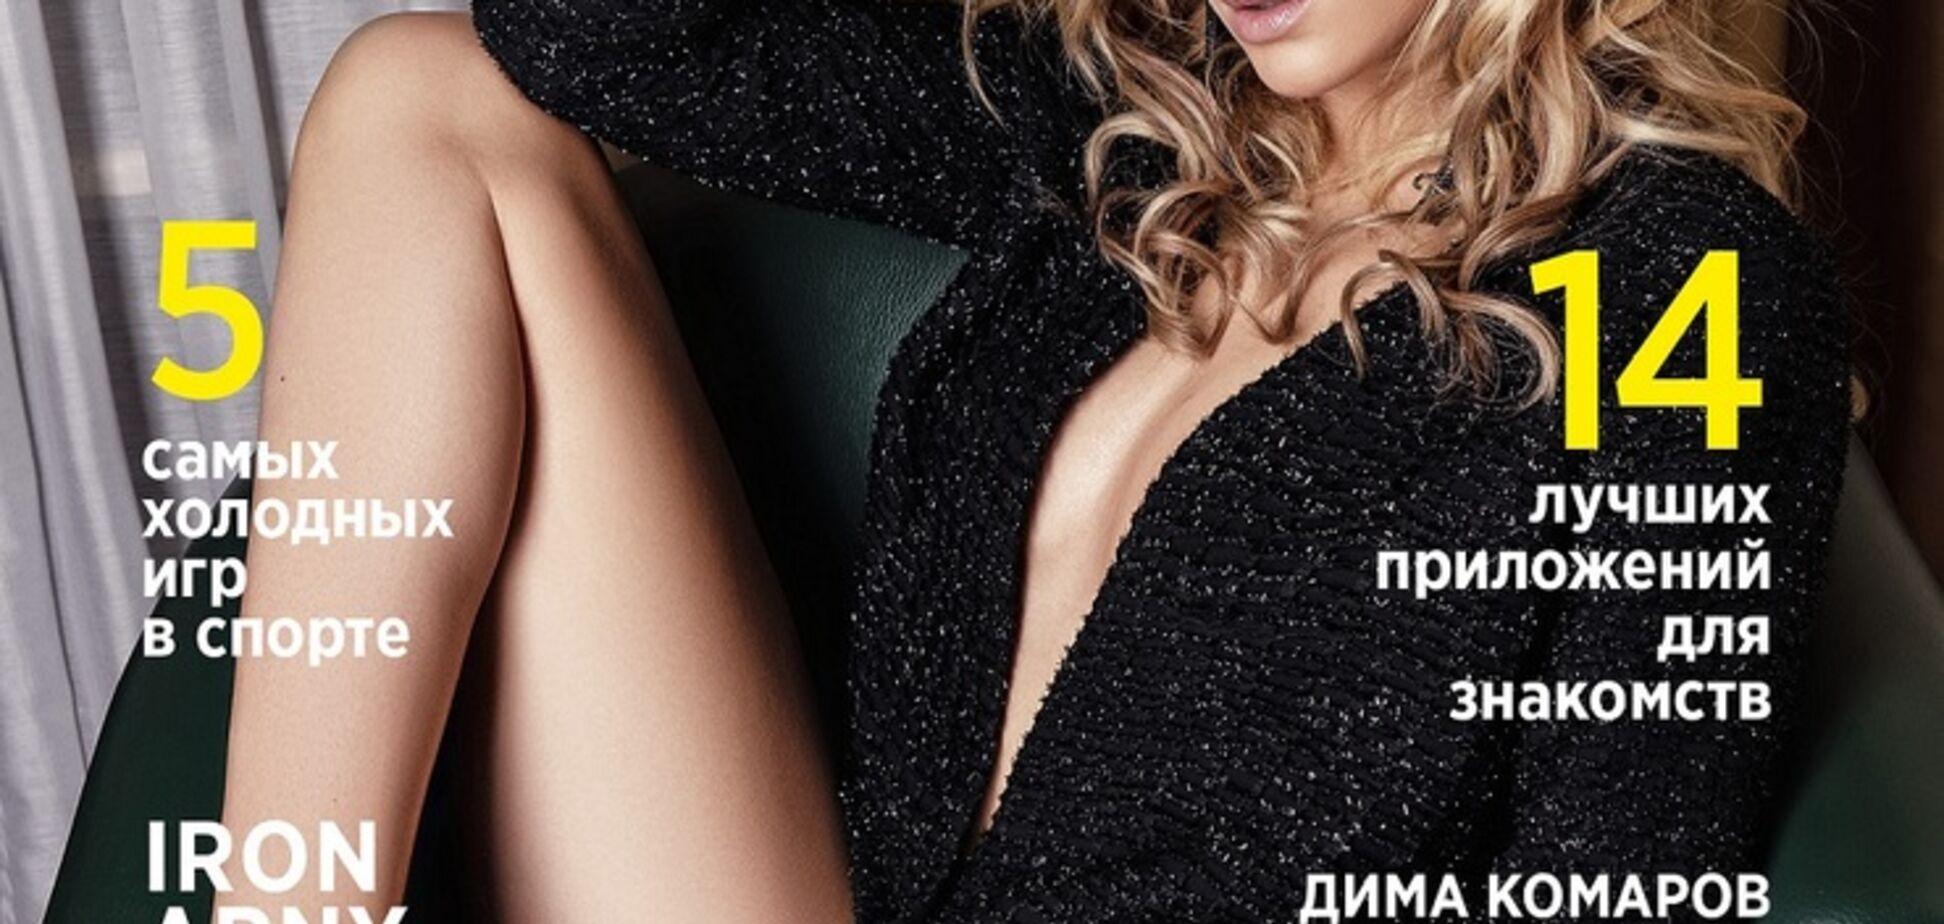 Леся Никитюк обнажилась для мужского глянца: горячие фото